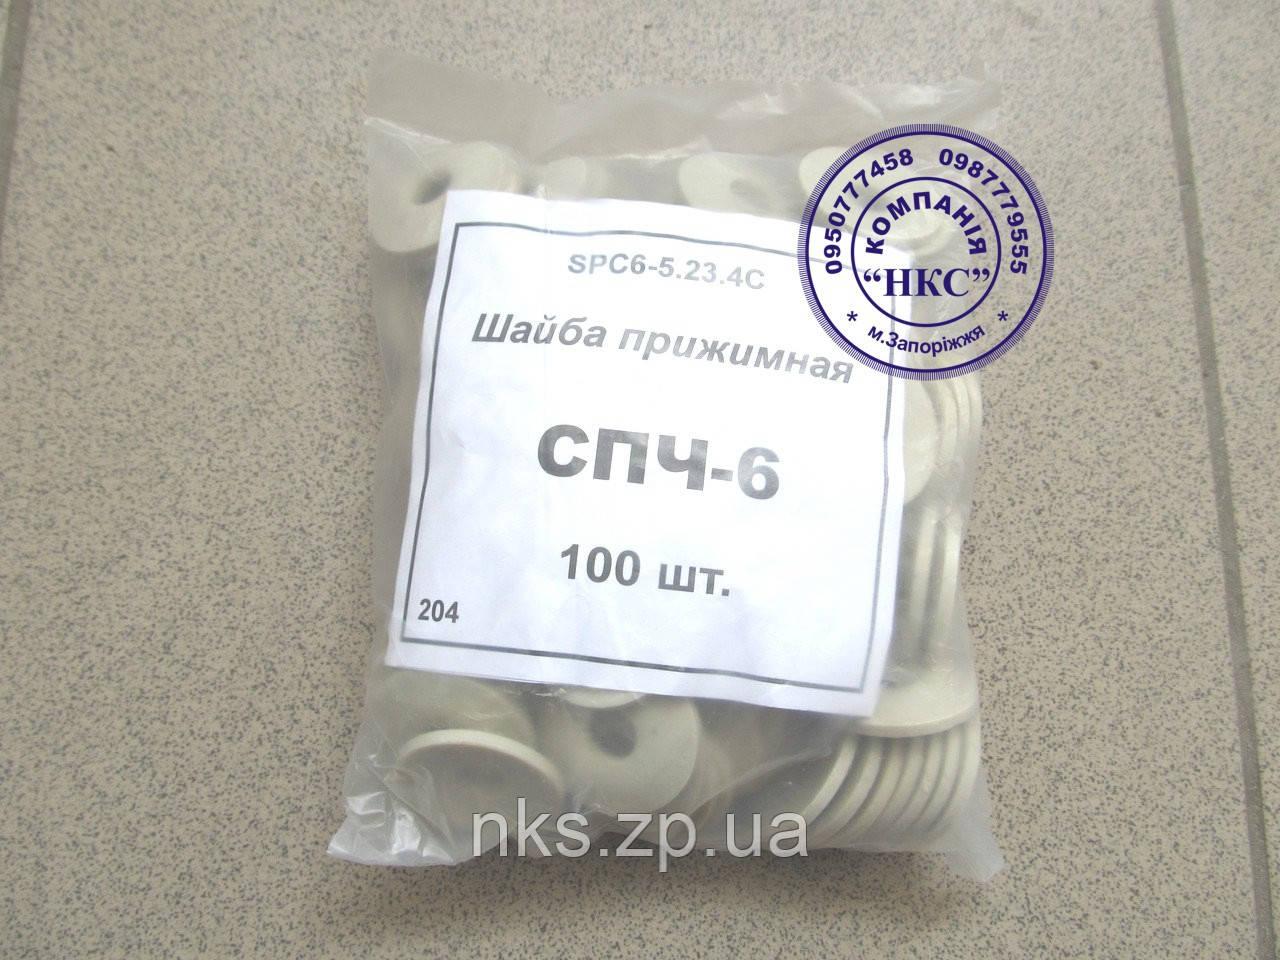 Шайба прижимная (100 шт.) СПЧ-6, СПП-8.